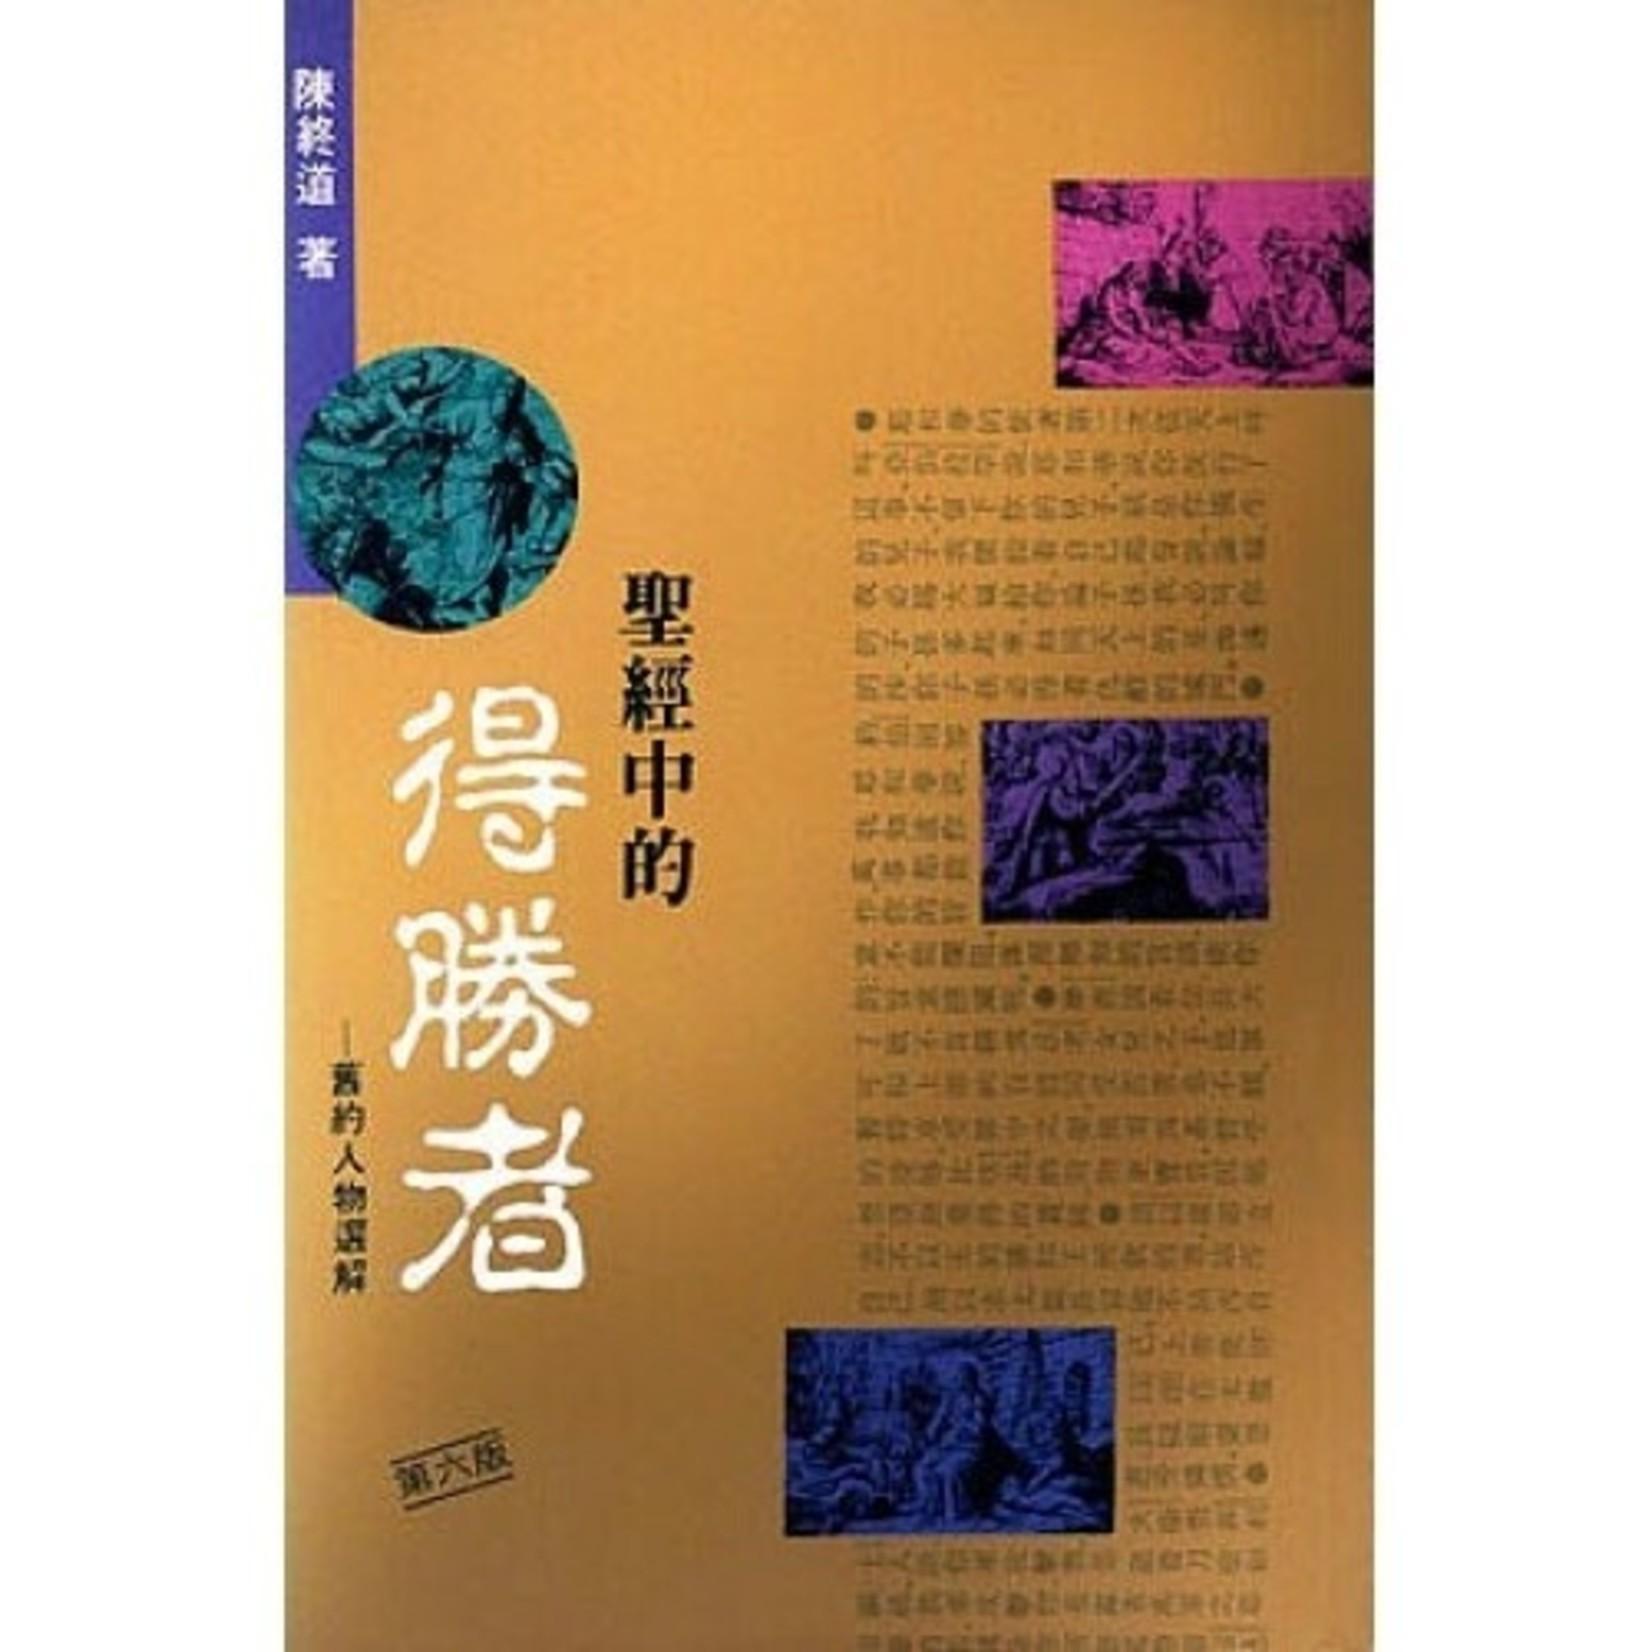 宣道 China Alliance Press 聖經中的得勝者:舊約人物選解